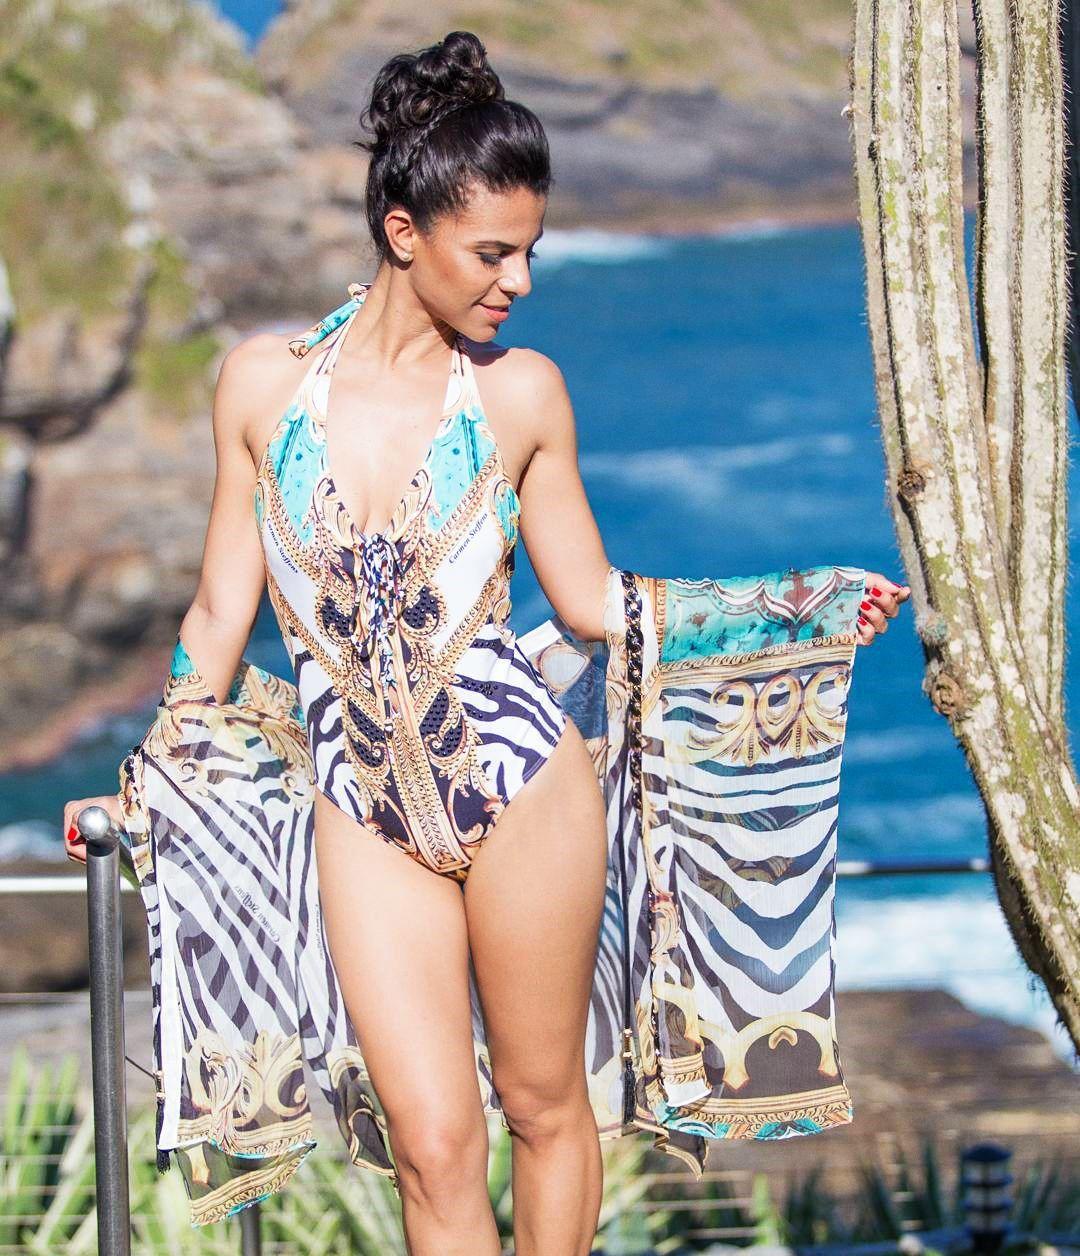 da0bda0a8 Impossível não amar a estampa sofisticada que aparece no maiô e saída de  praia Carmen Steffens 😍 😍 😍 A combinação de animal print e arabescos é a  cara do ...